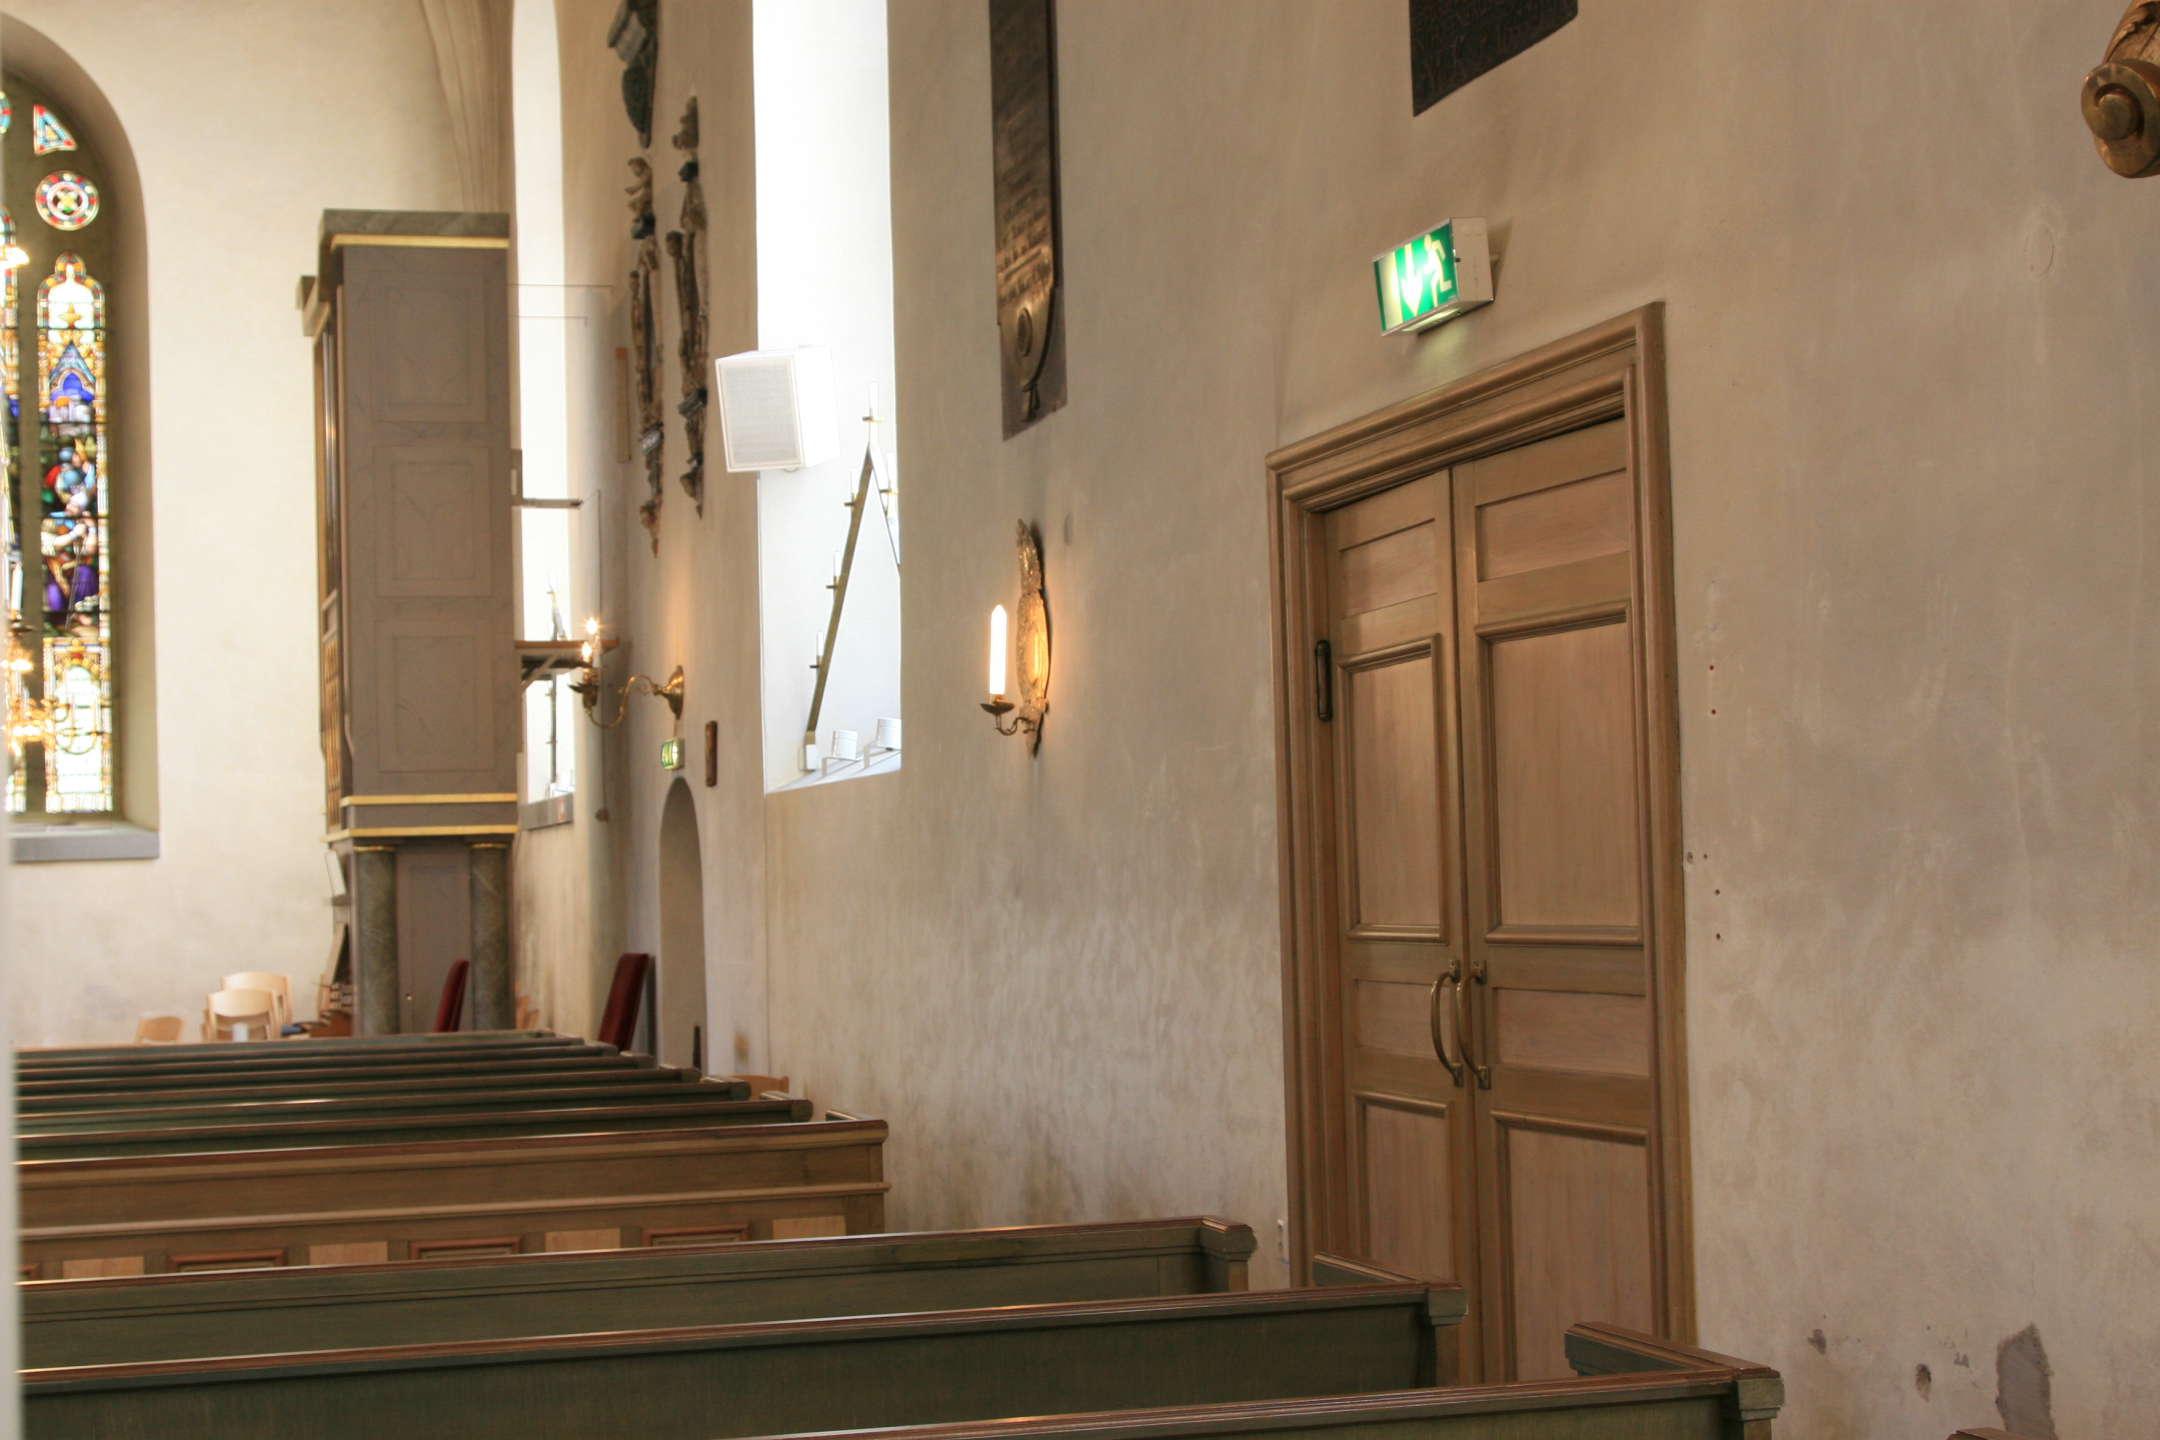 Södra långväggen med en kyrkhögtalare i fönstret.